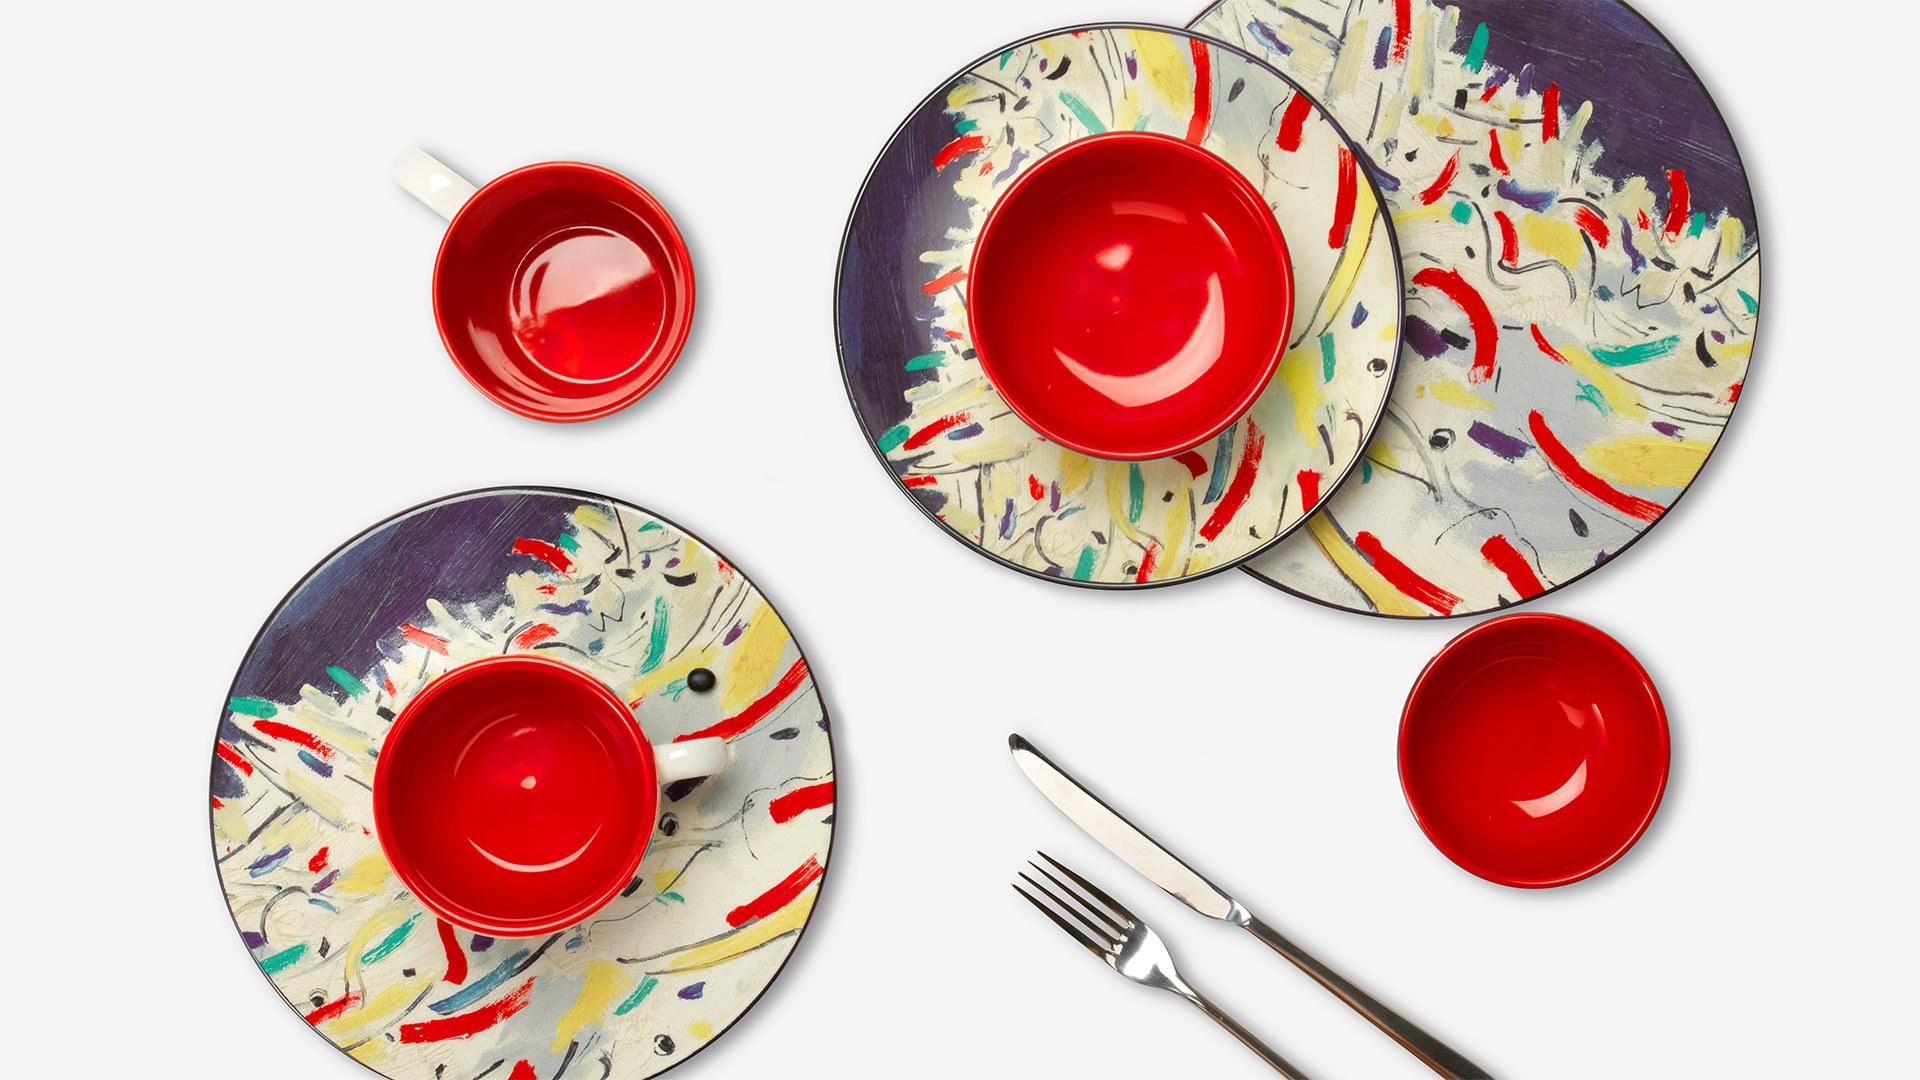 精致工艺融于杯盘之中,器物本身也是一件艺术作品。